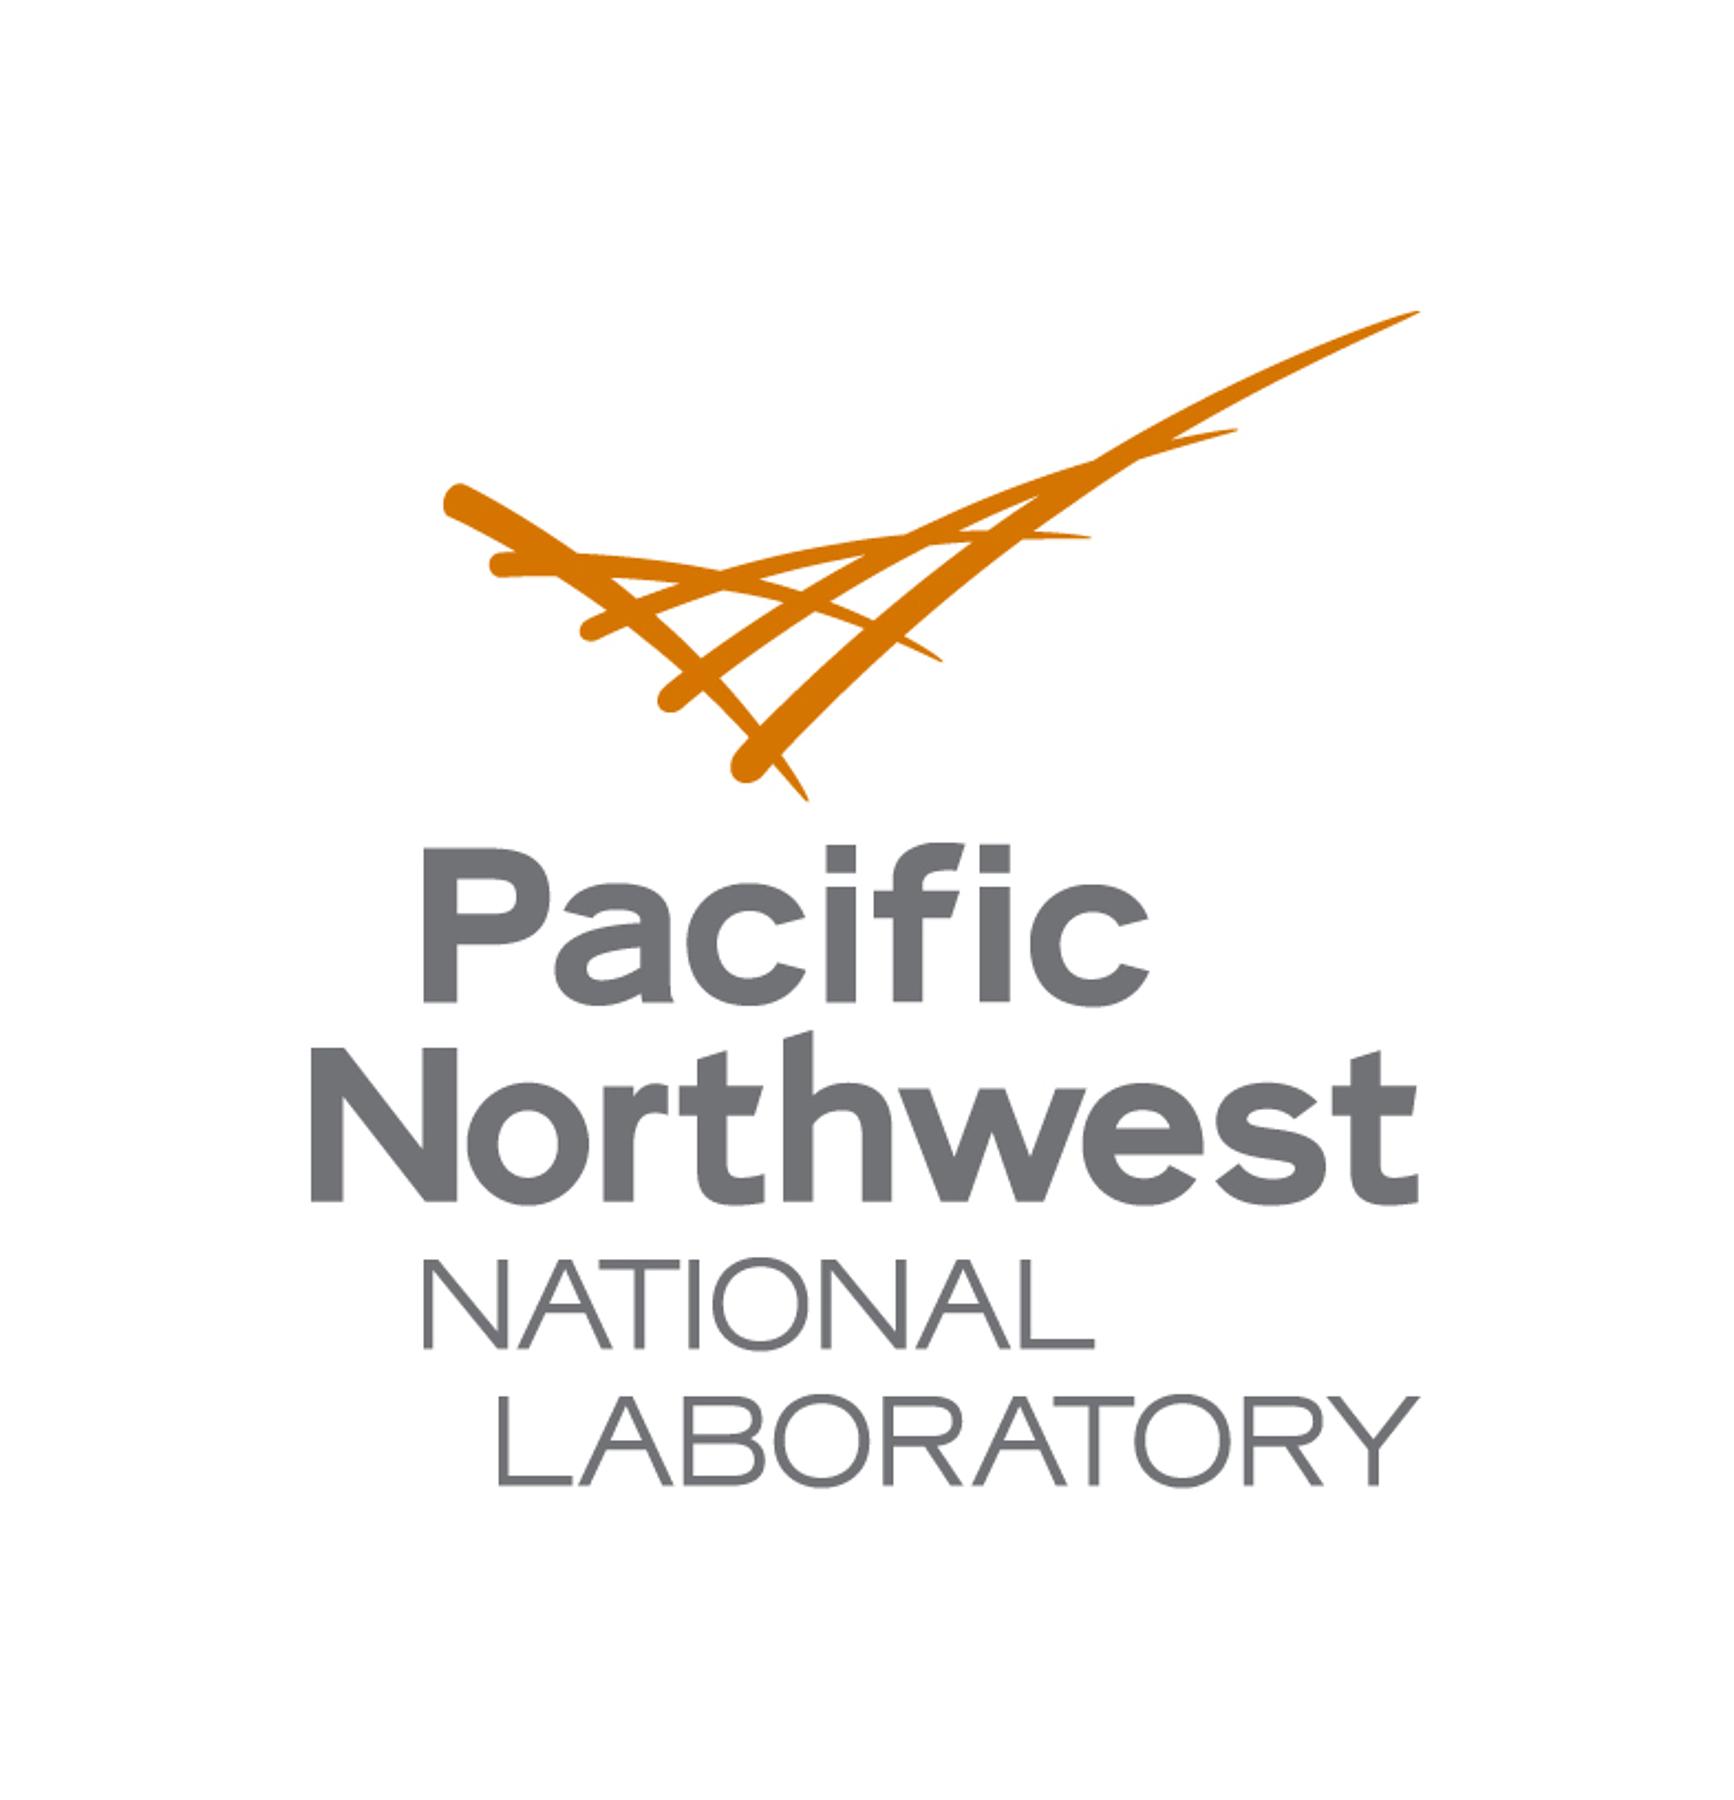 PNNL_Color_Logo_Vertical0_os.png